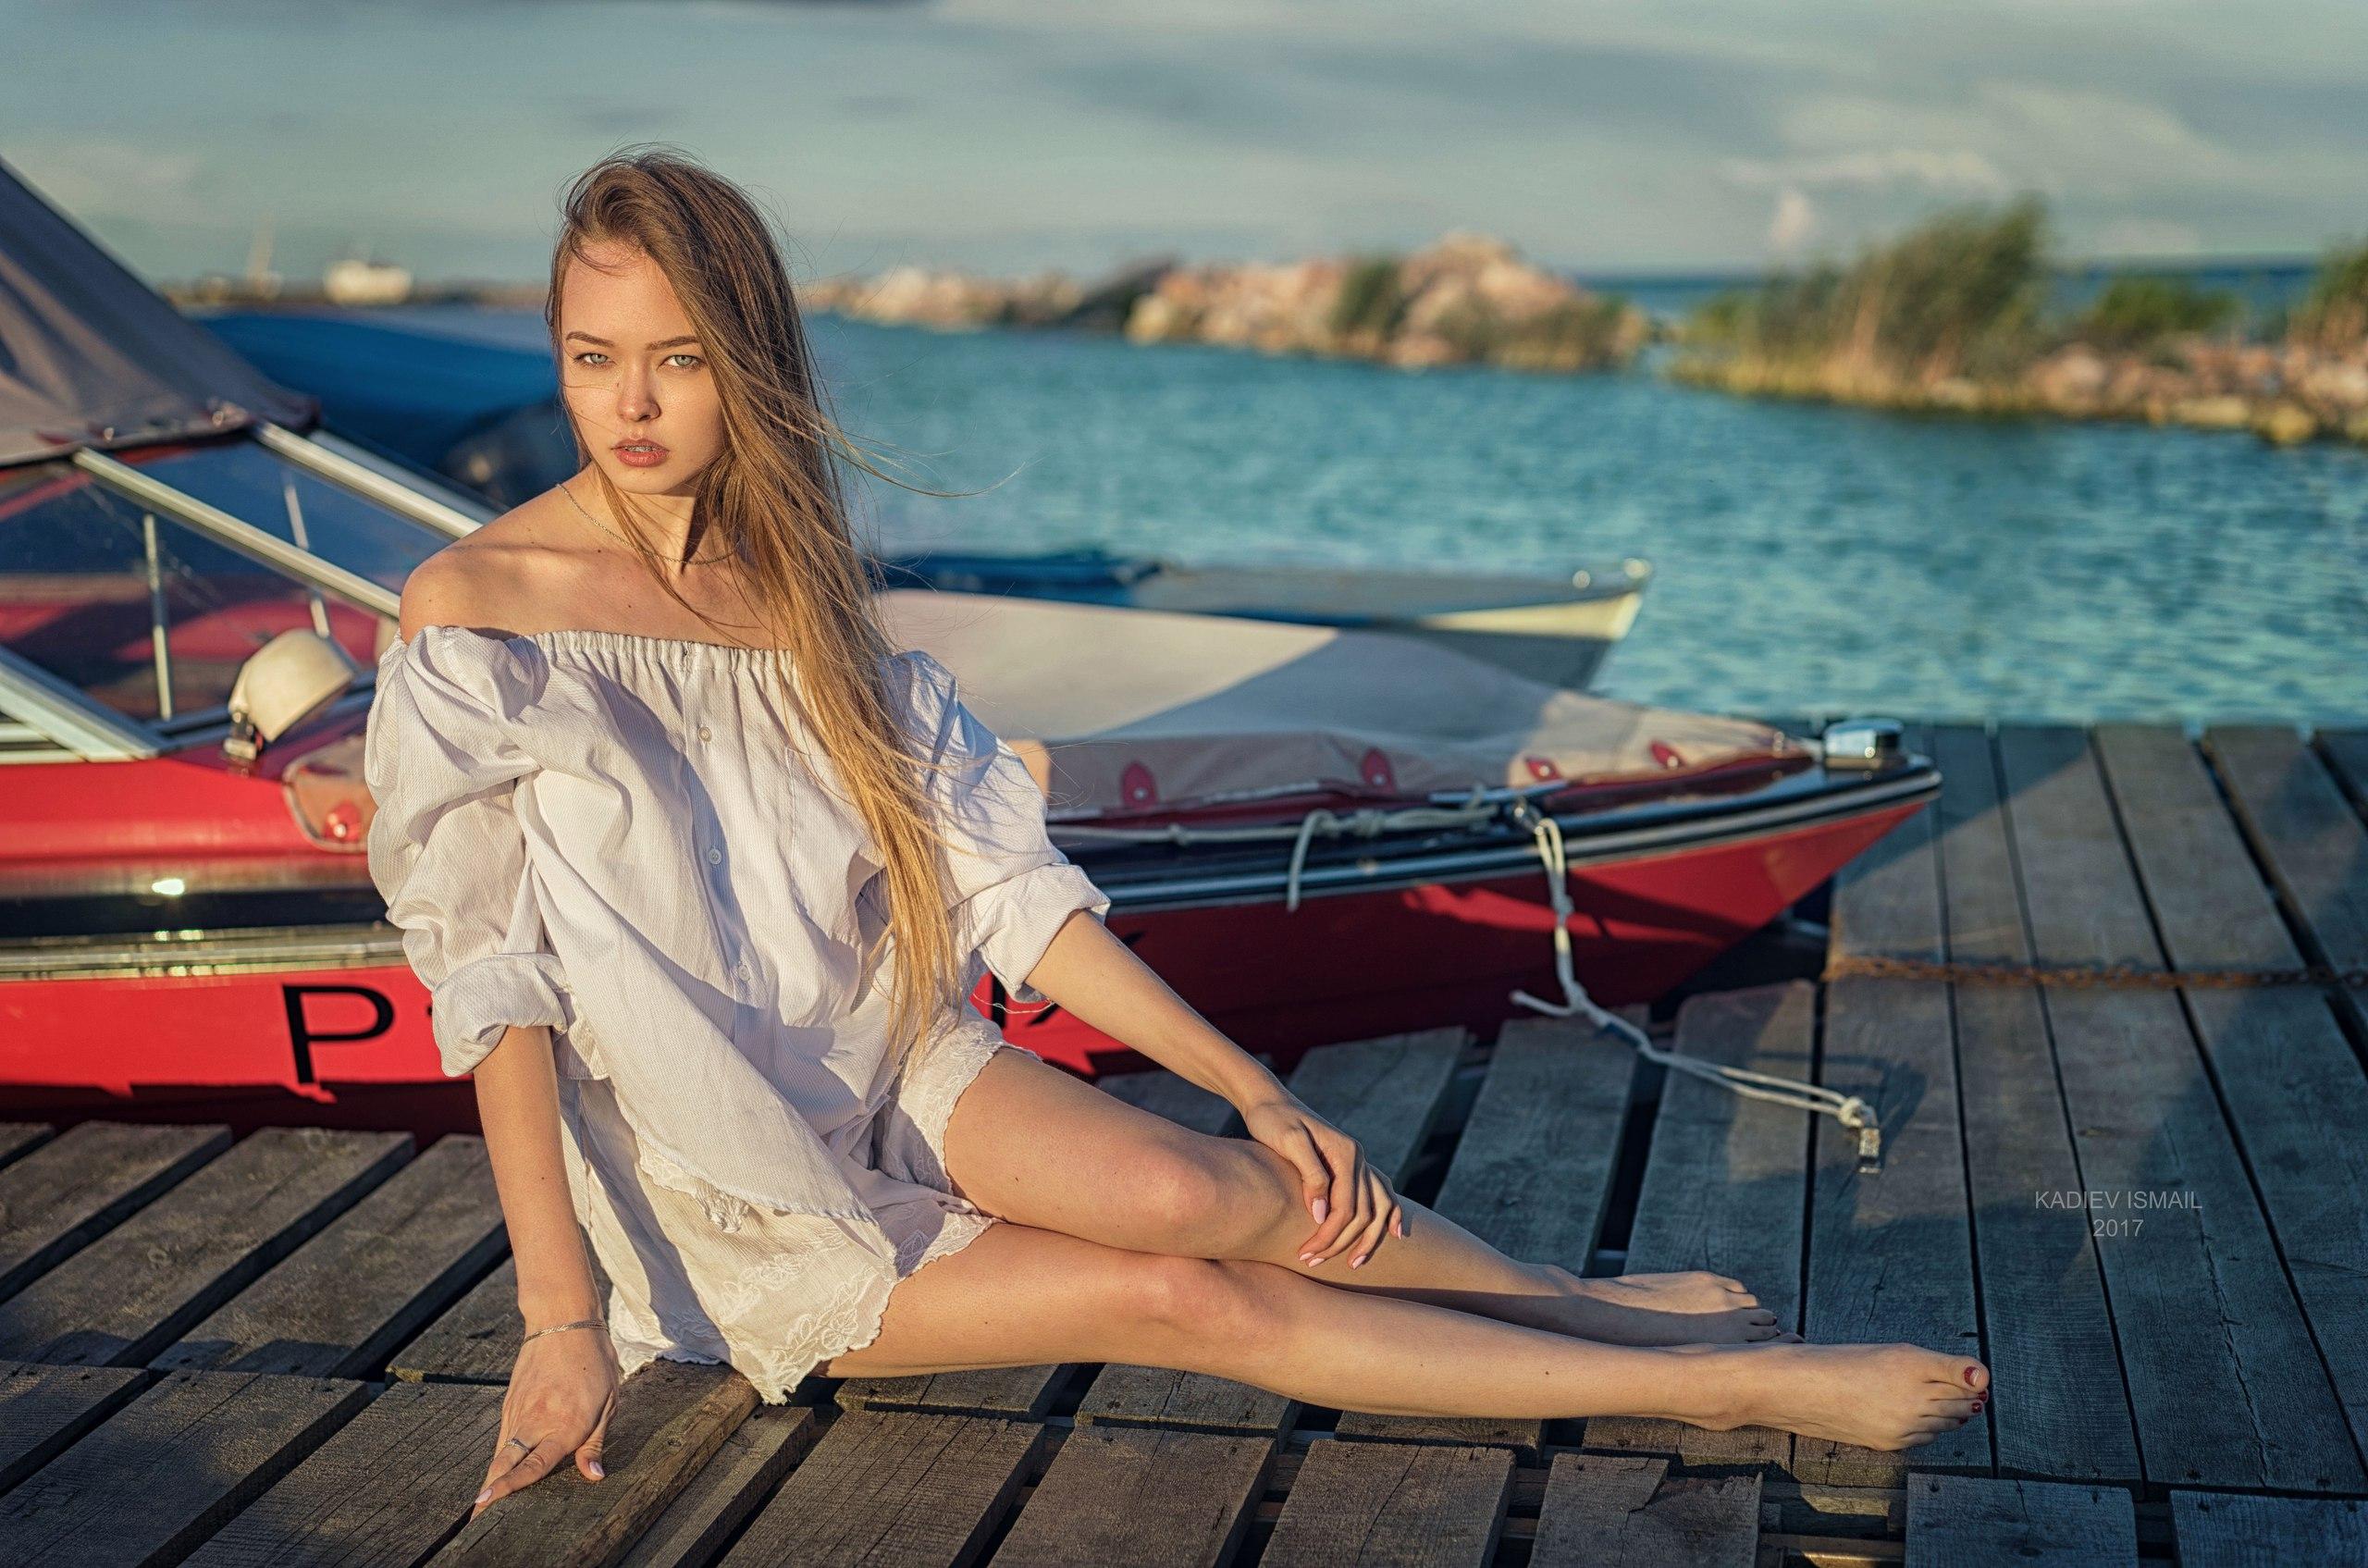 Hintergrundbilder Frau Modell Kadiev Ismail Boot Barfuß